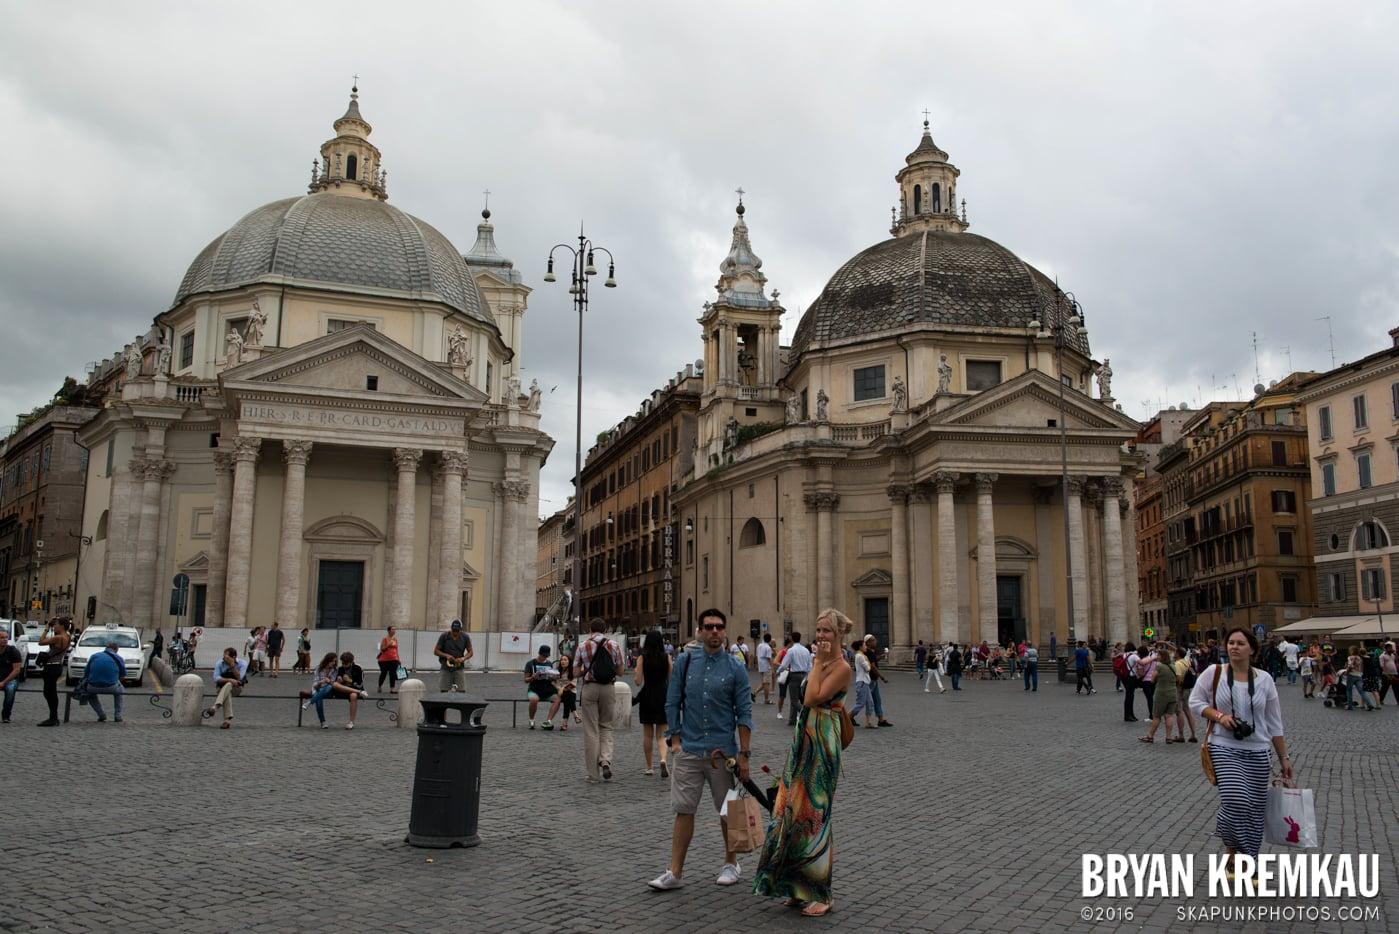 Italy Vacation - Day 3: Rome - 9.11.13 (11)